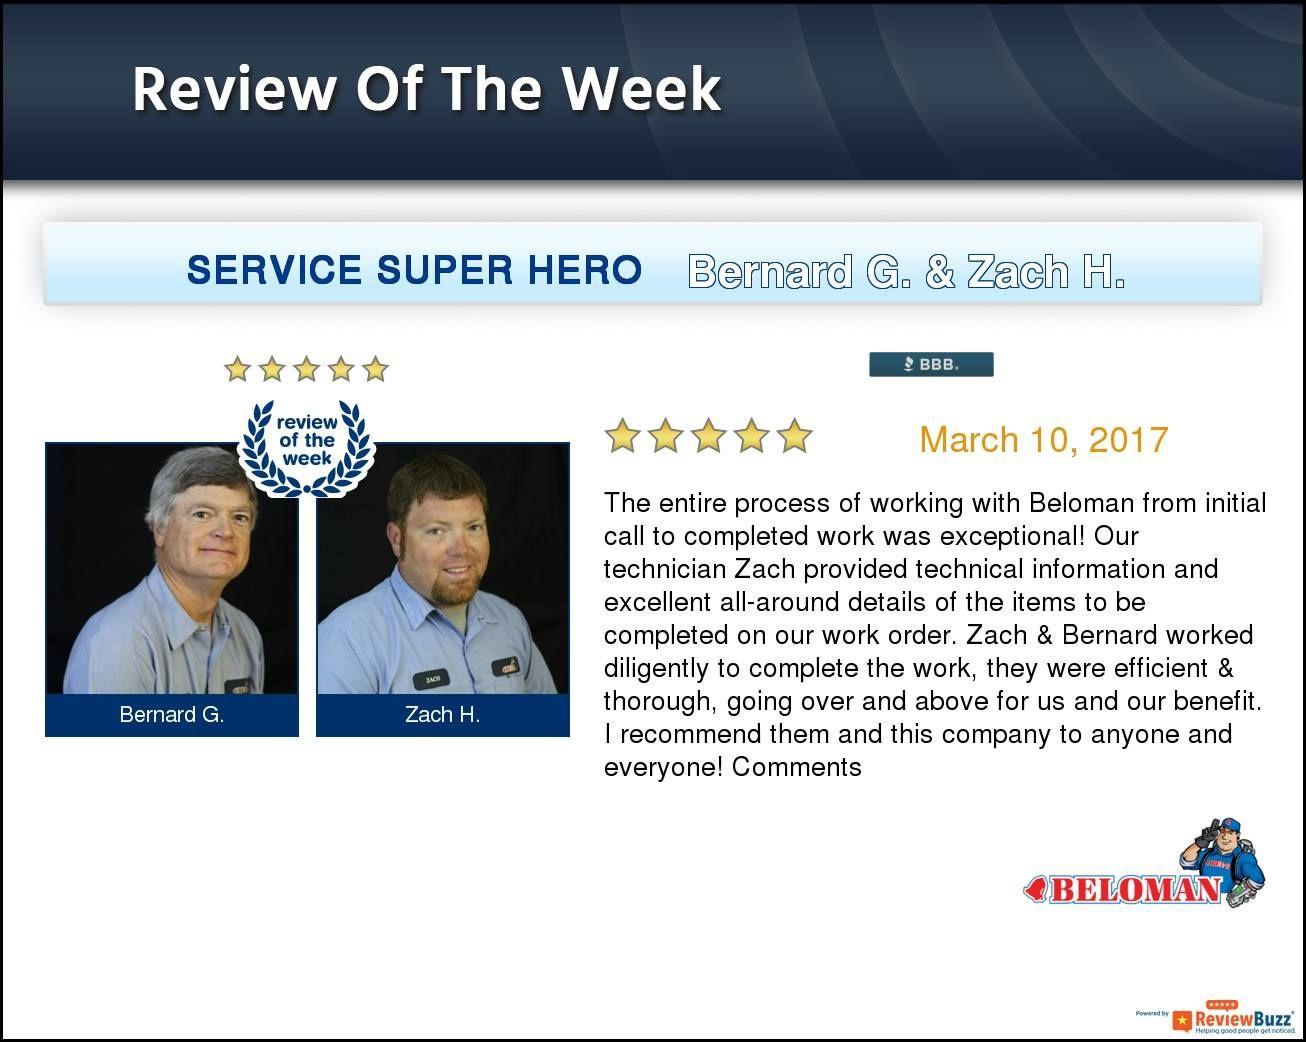 Review Of The Week Beloman Reviewoftheweek Google Reviews